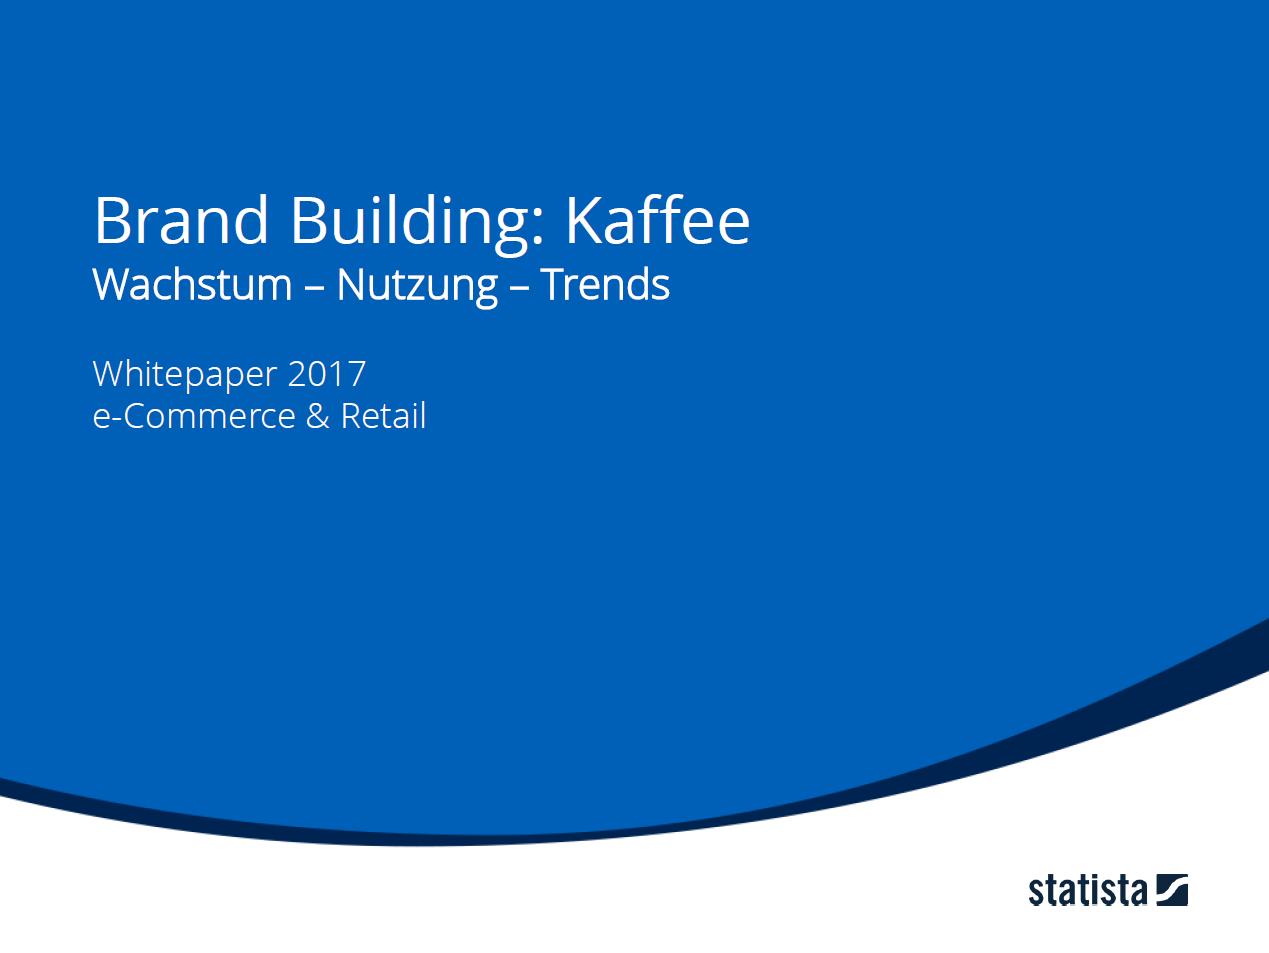 Brand Building: Kaffee: Wachstum - Nutzung - Trends